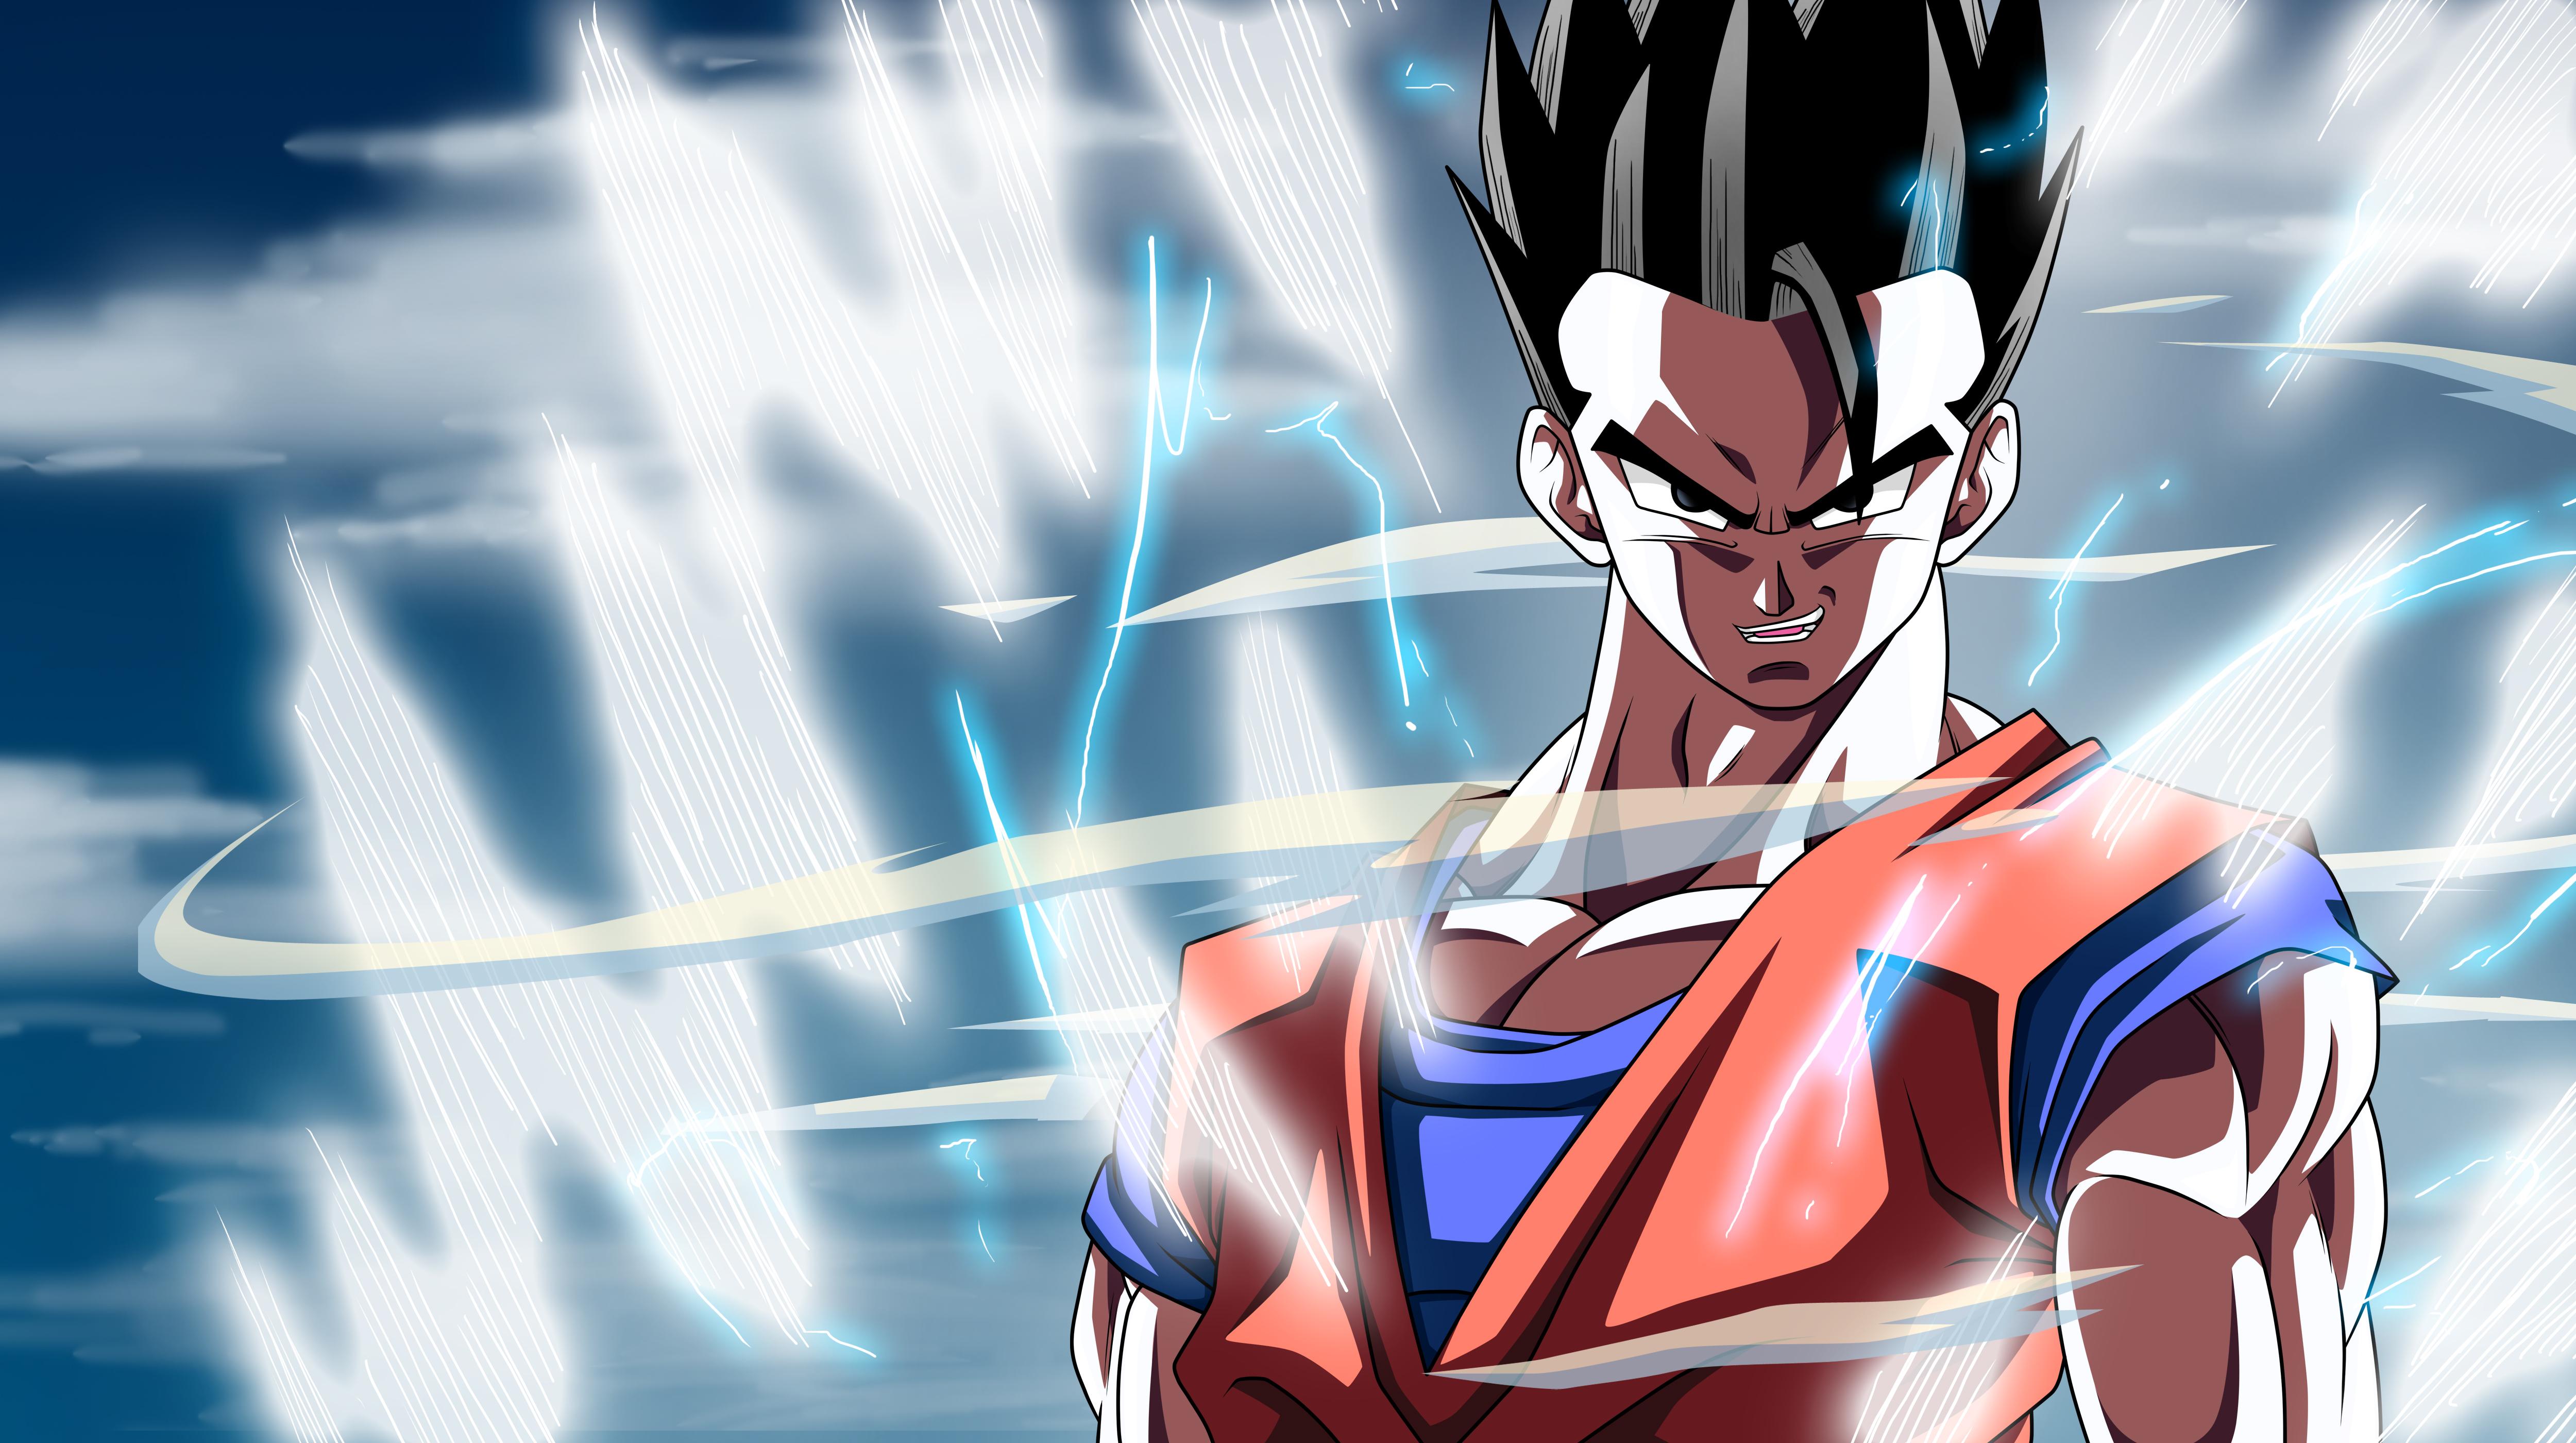 Fondos de pantalla Ultimate Gohan Dragon Ball